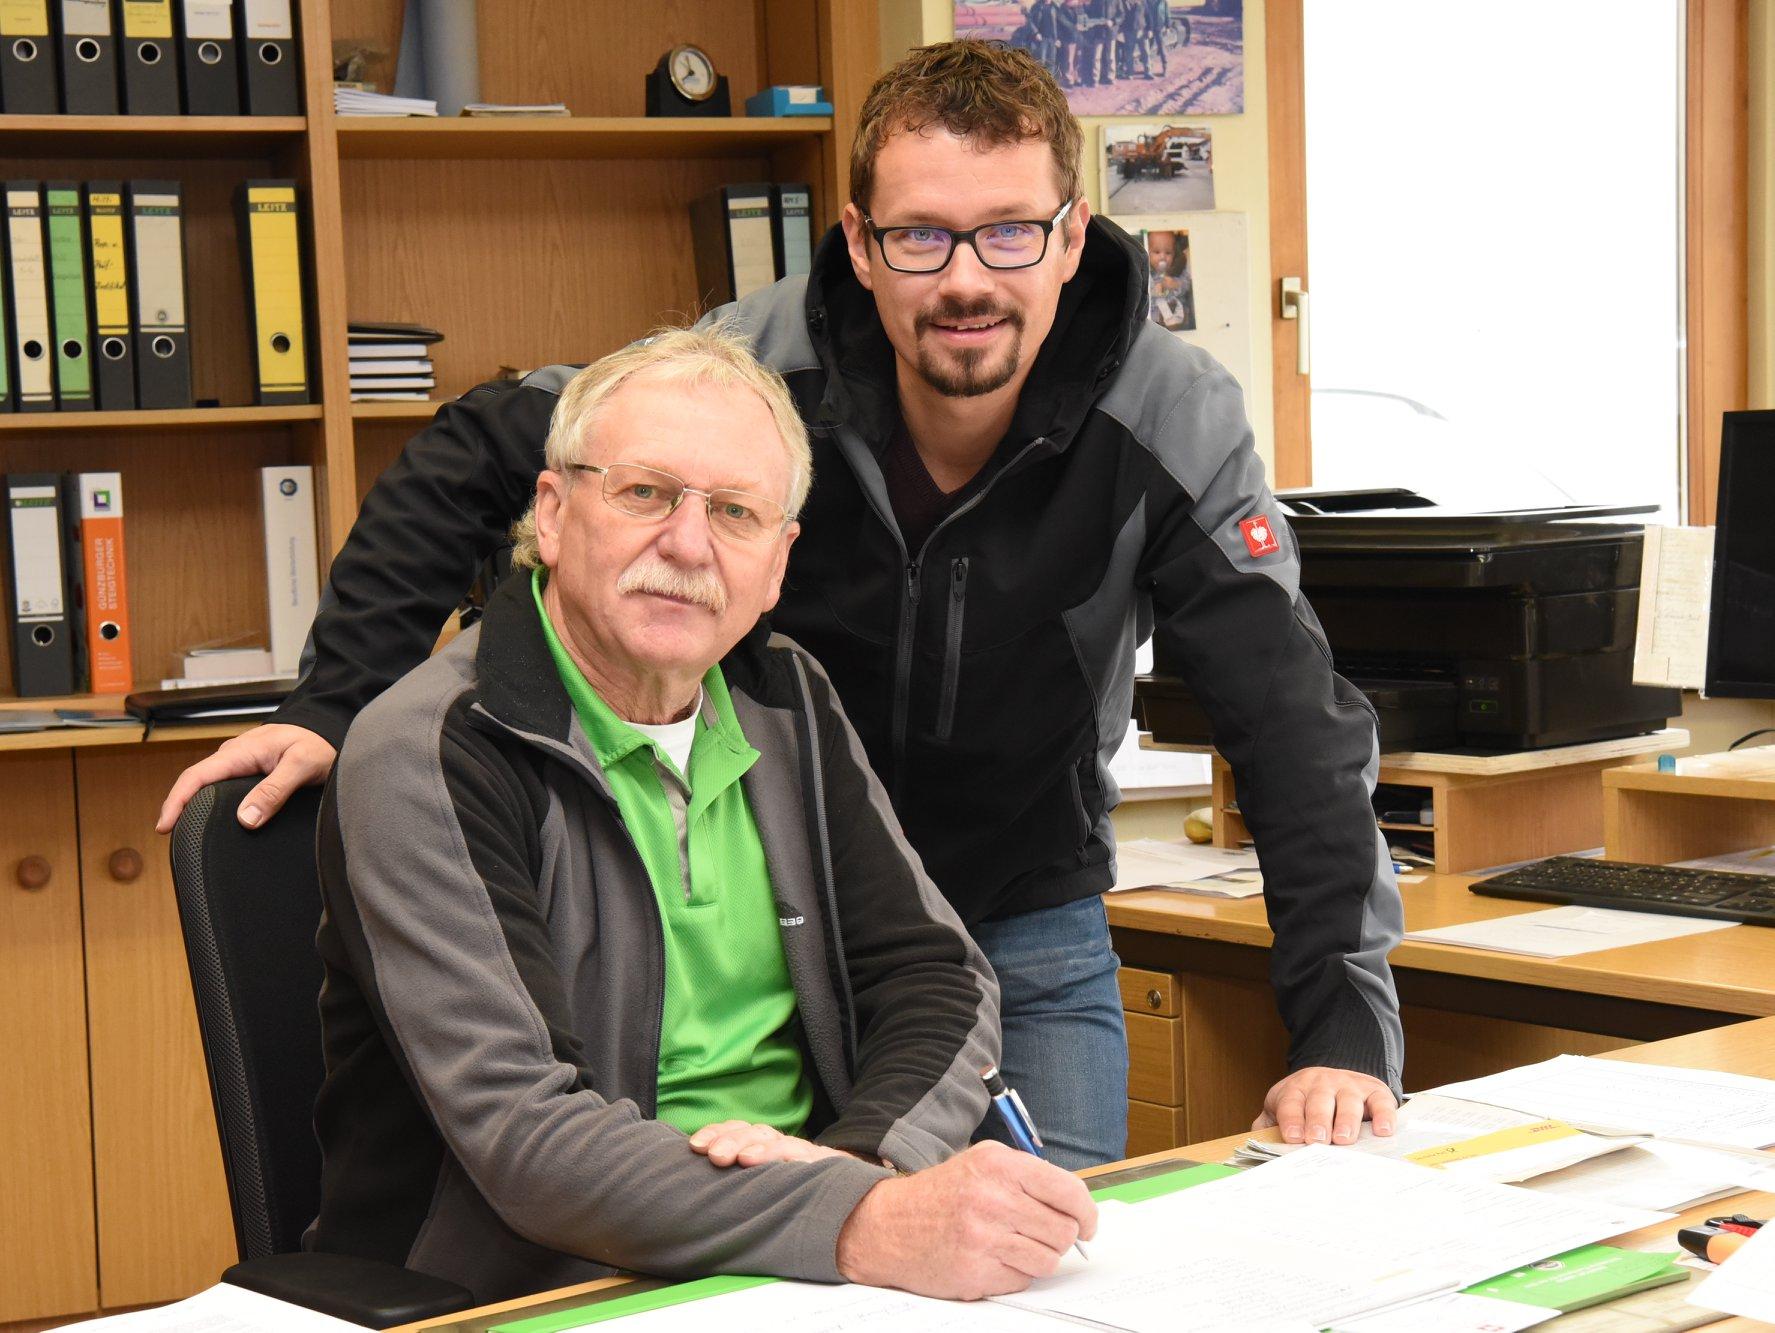 Ludwig Biller (links) mit seinem Nachfolger Stephan Pirzer, der zum 1. Dezember die Leitung des Bauhofes übernimmt (Foto: H.C. Wagner)